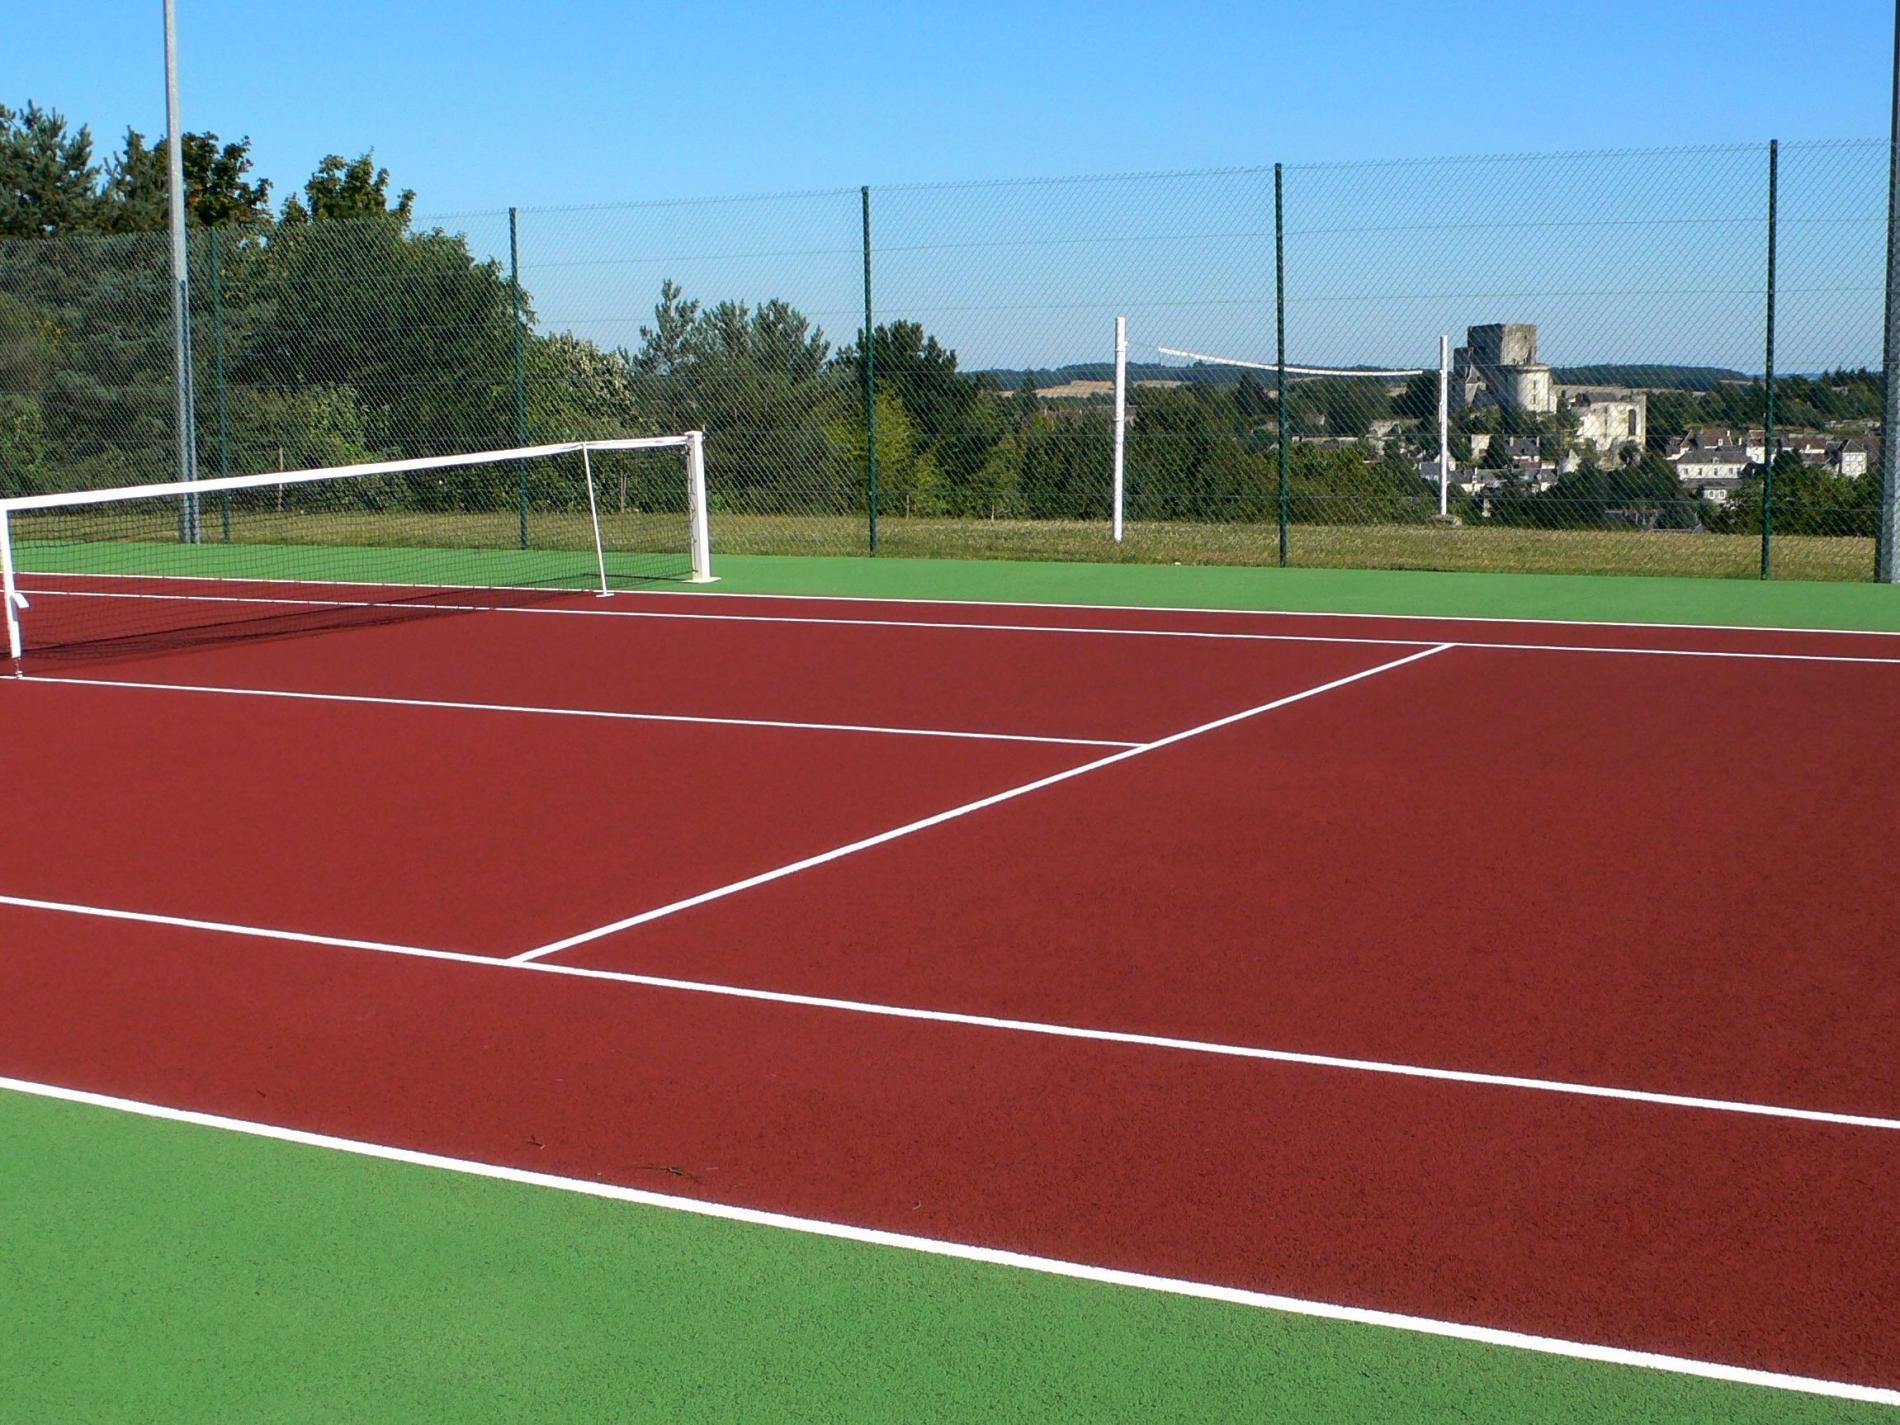 Terrain de Tennis, volley et pétanque, Billard, Ping-pong